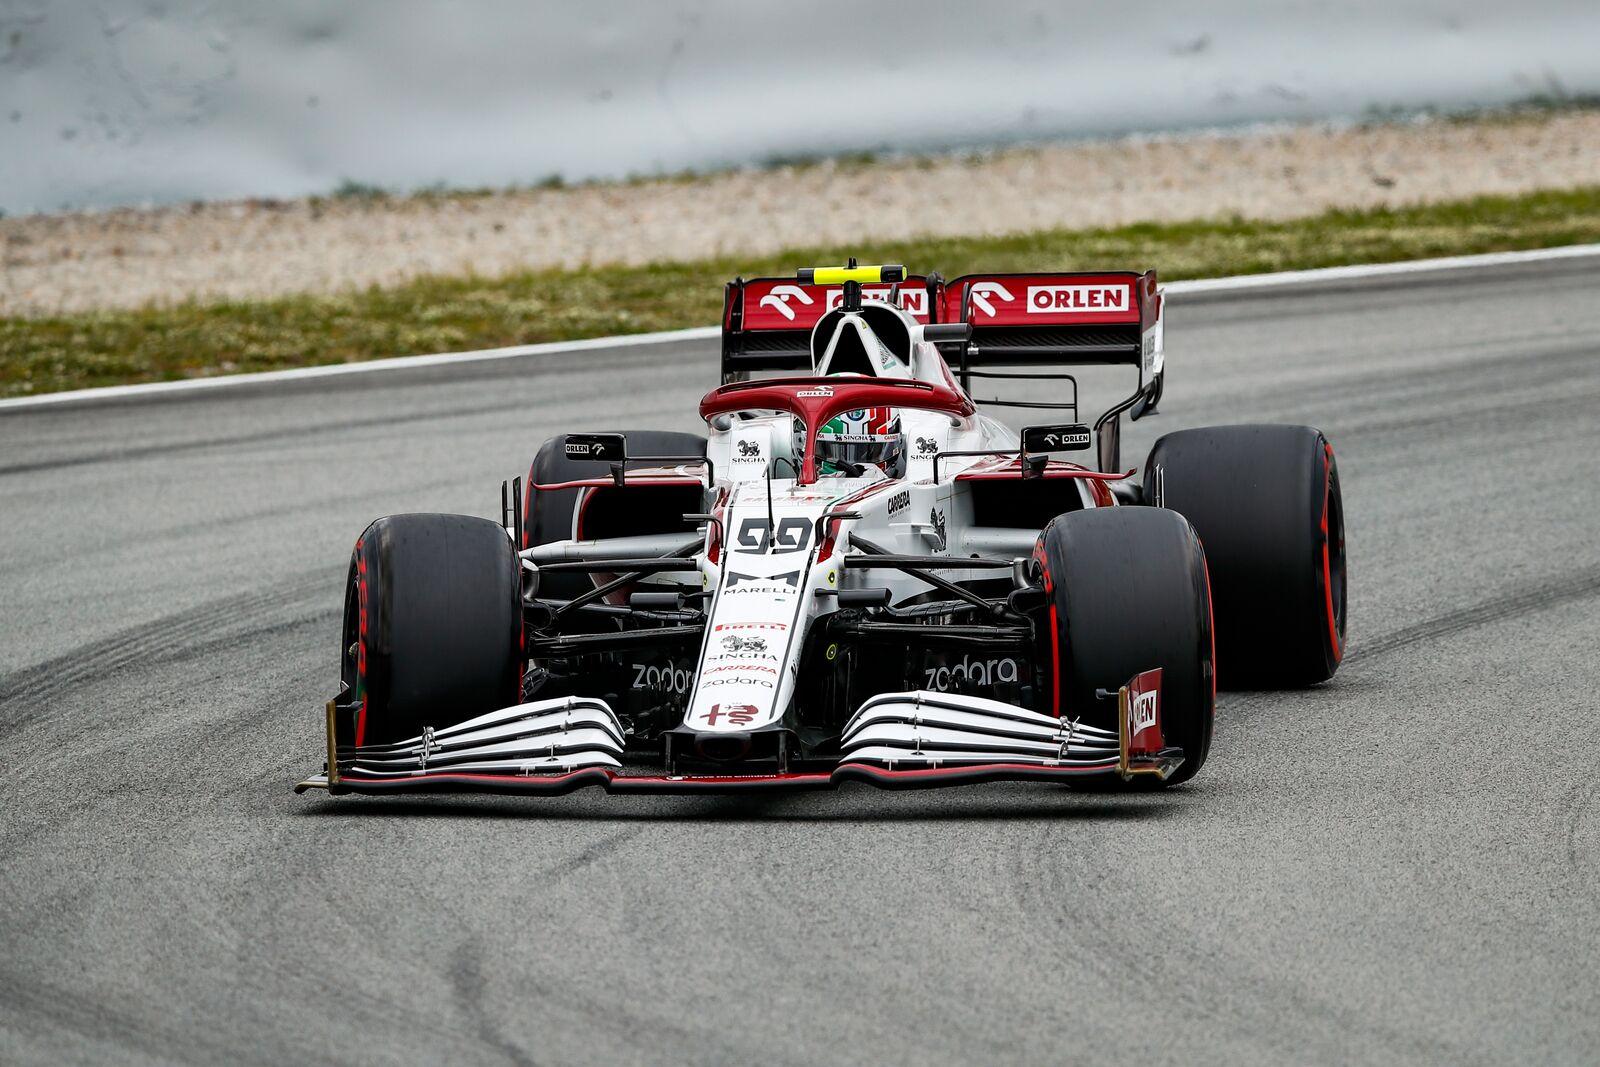 F1 - Une valve endommagée à l'origine du pneu dégonflé chez Alfa Romeo en Espagne